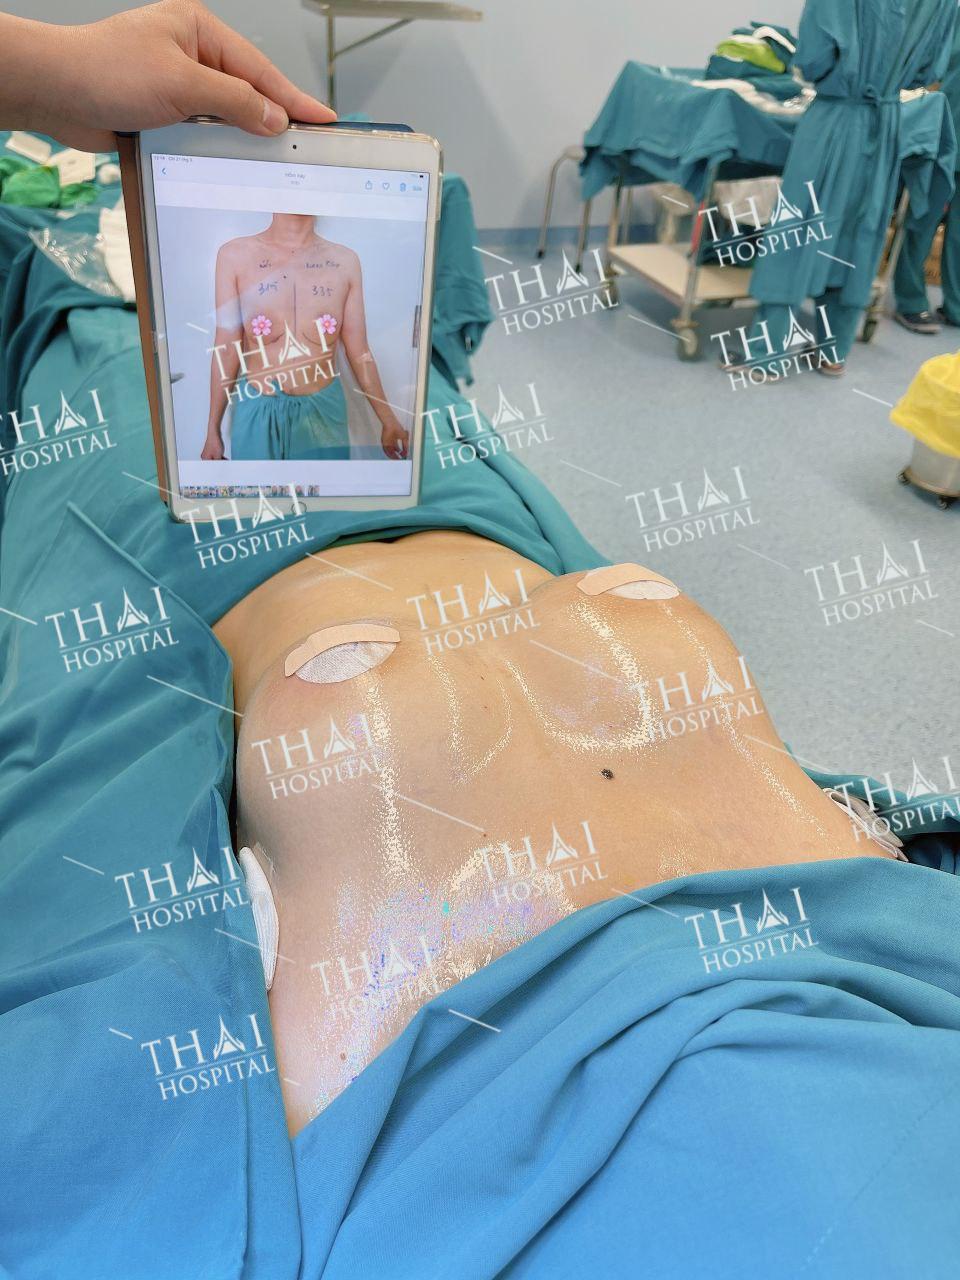 Nâng ngực sửa túi tại THAI Hospital giá cạnh tranh nhất thị trường